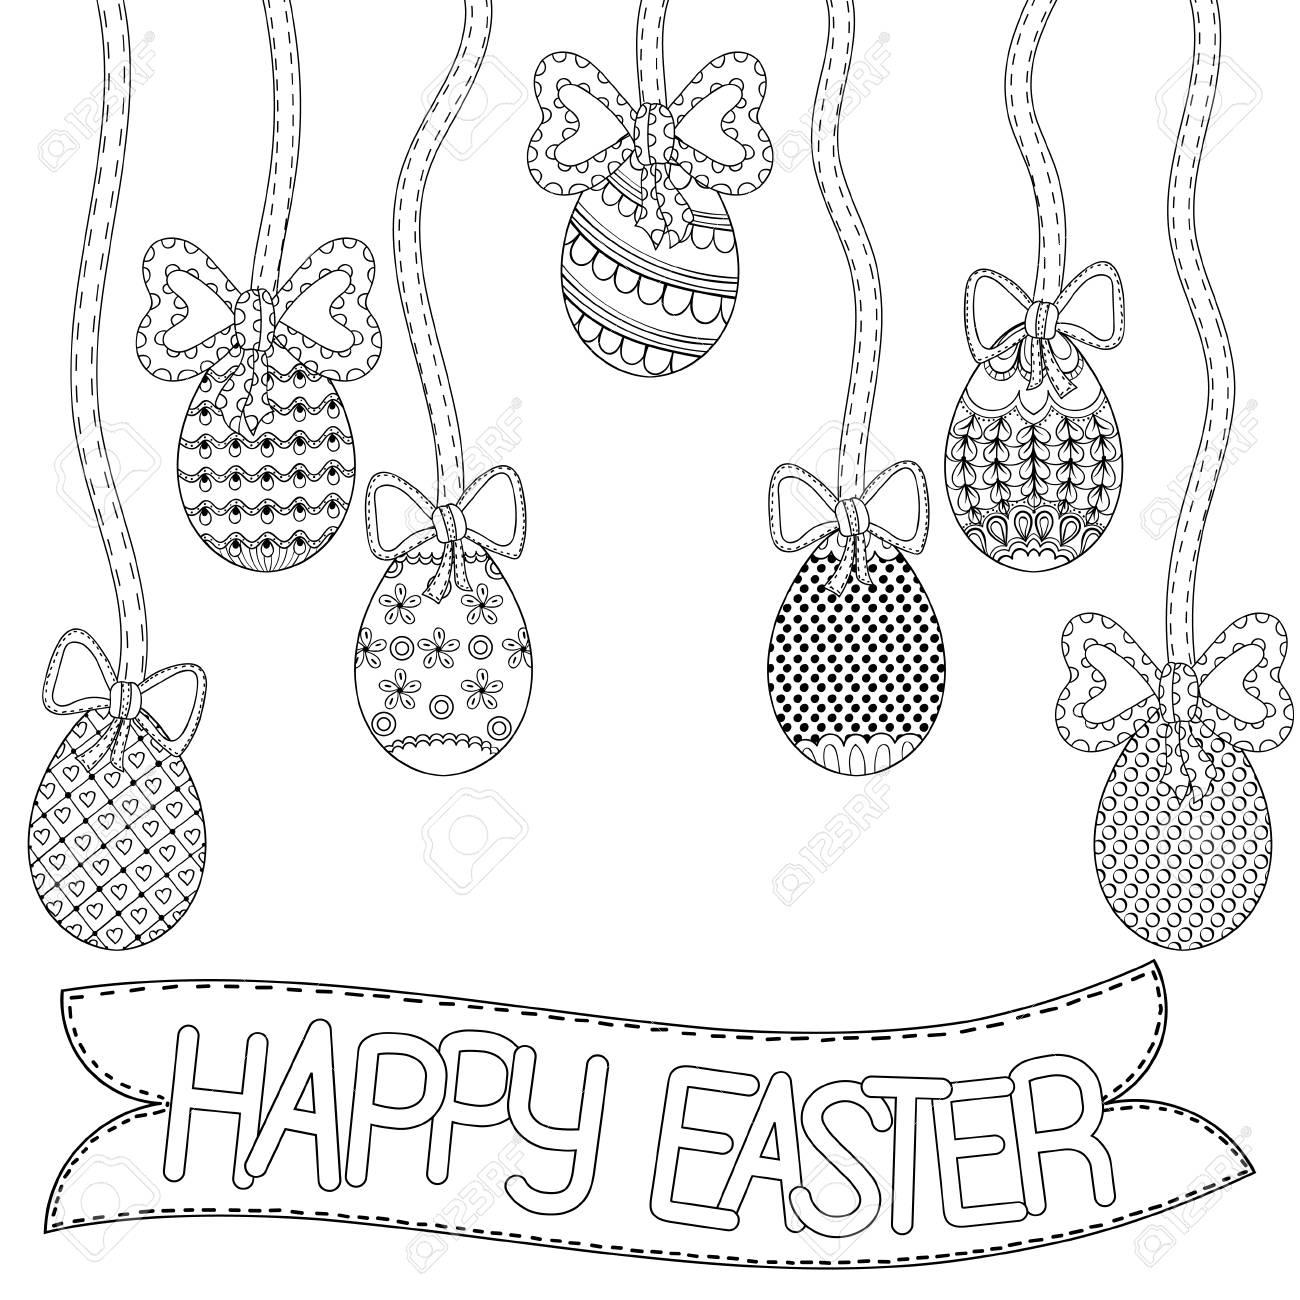 Feliz Pascua Banner Zentangle Huevos Con Elementos Ornamentales Decorativos Cintas Arcos Ilustración Del Vector Para El Libro Para Colorear